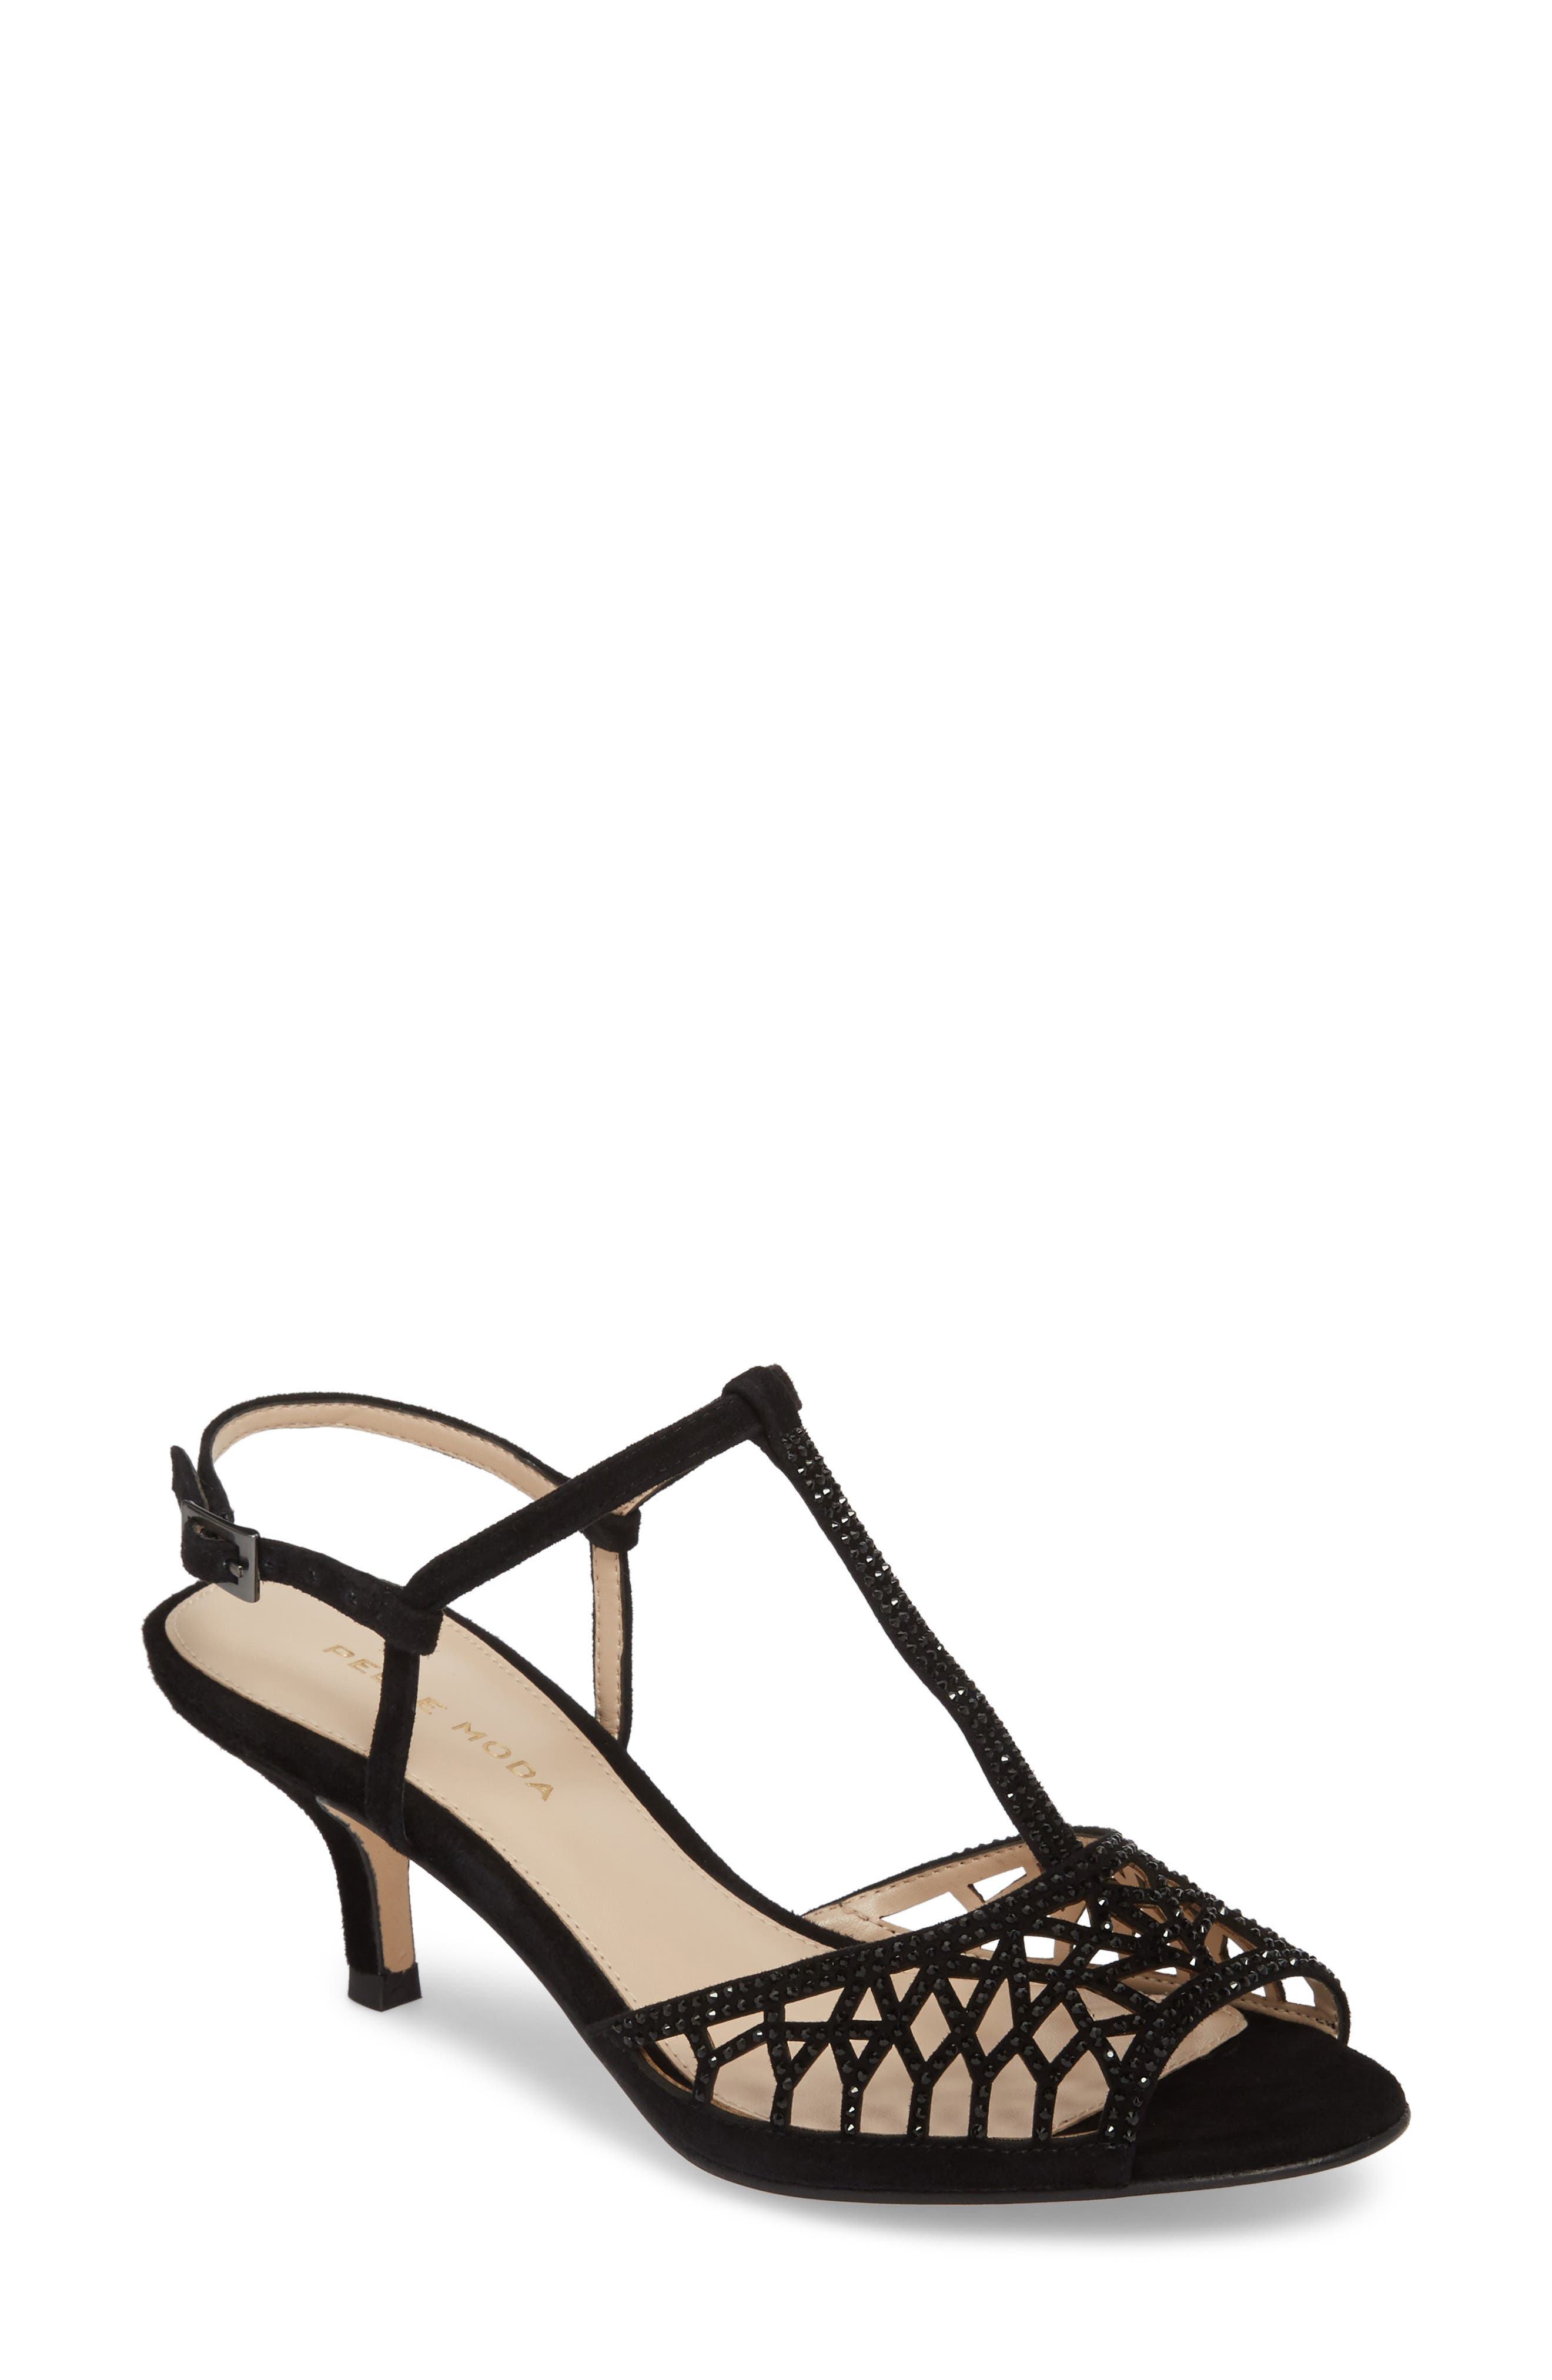 Adaline Embellished Sandal,                         Main,                         color, BLACK SUEDE